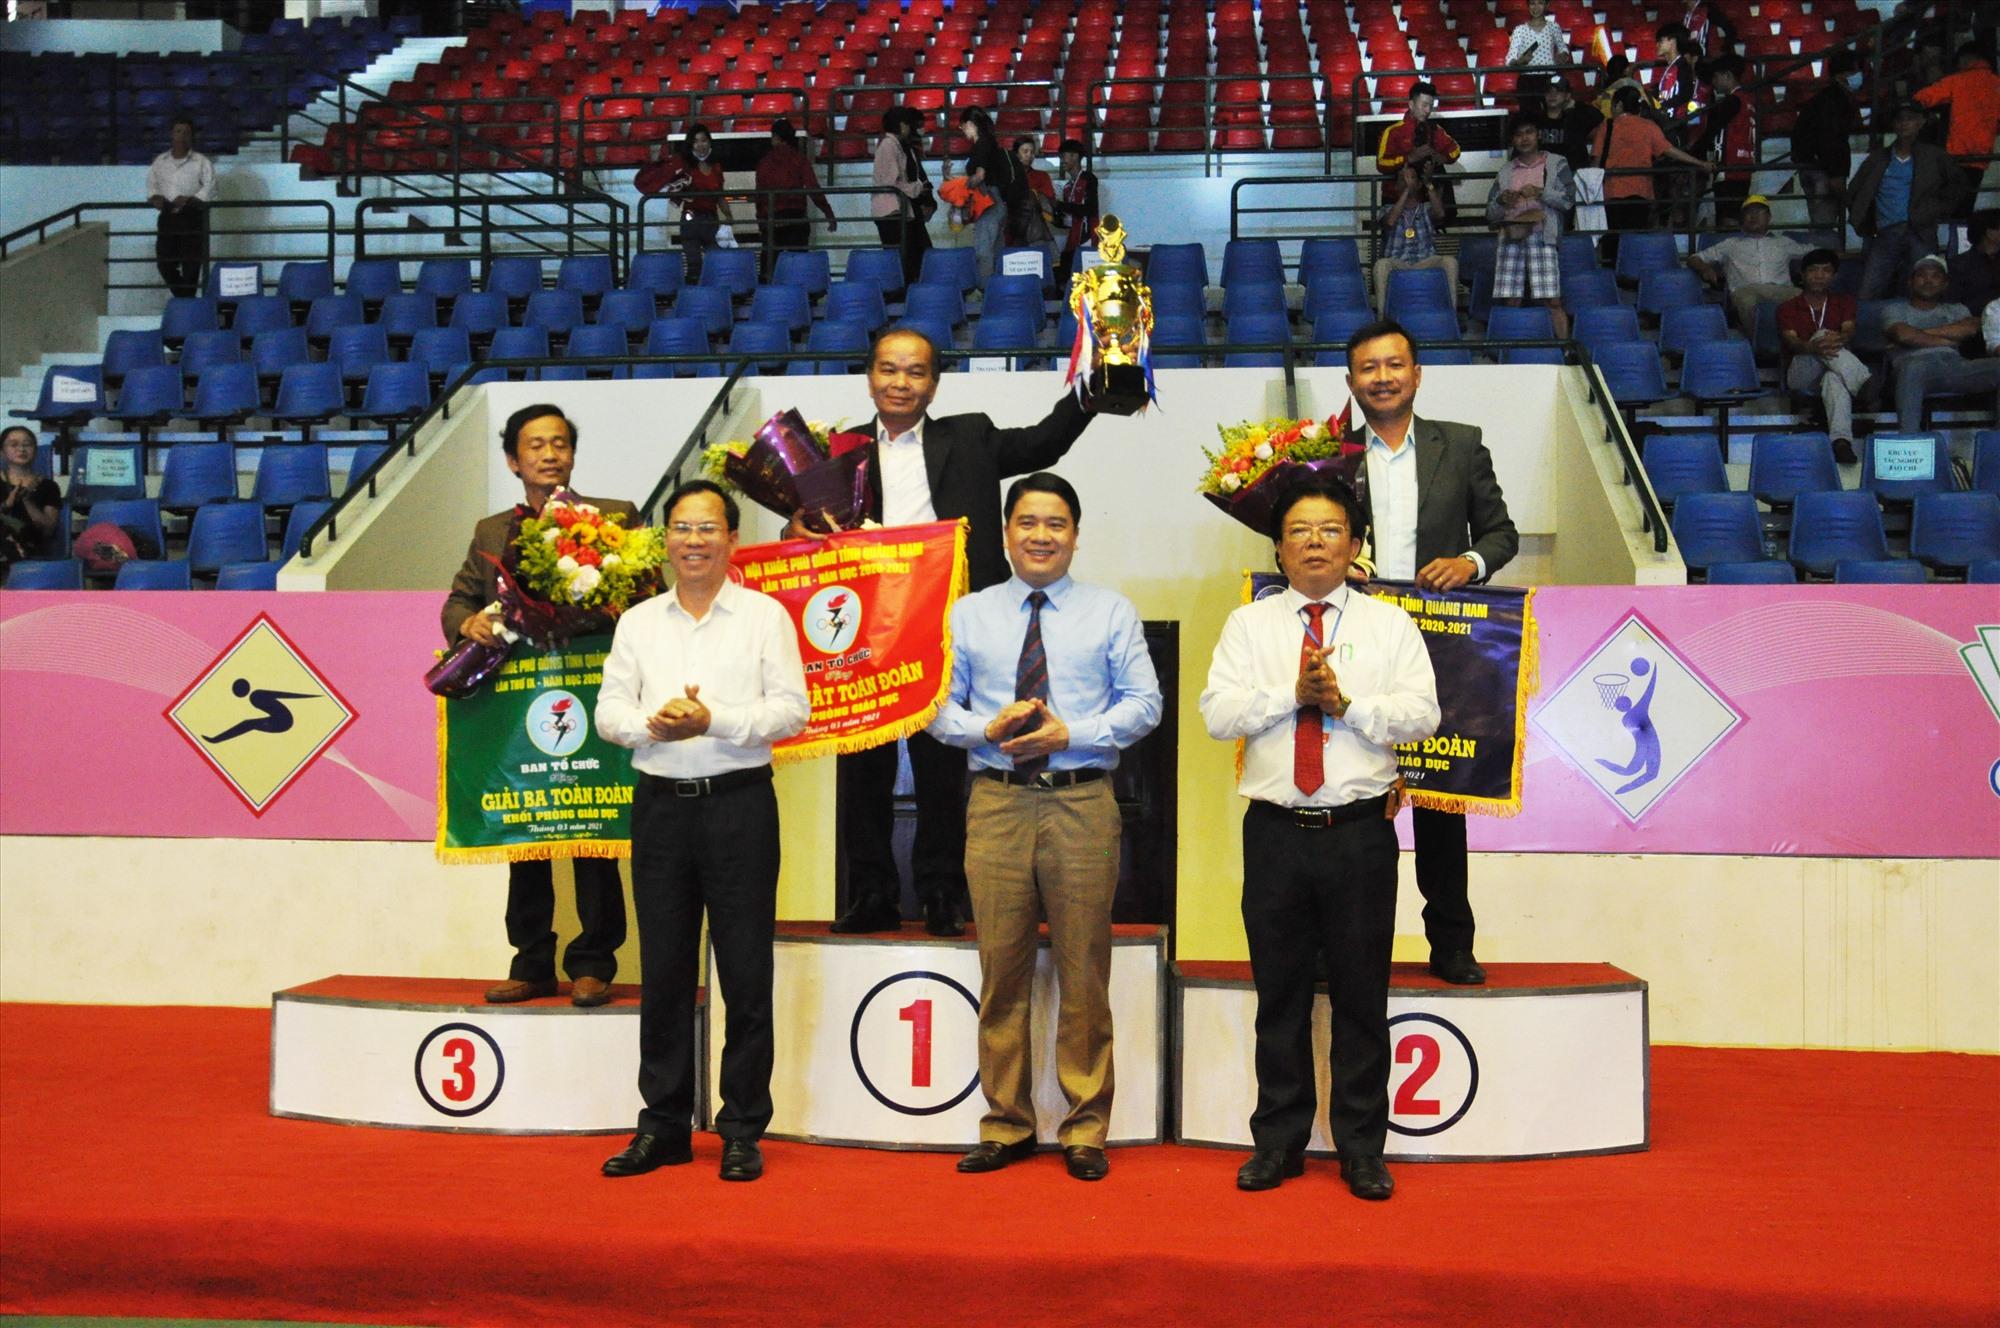 Phòng GD-ĐT, Điện Bàn, Tam Kỳ, Phú Ninh nhận giải toàn đoàn. Ảnh: X.P